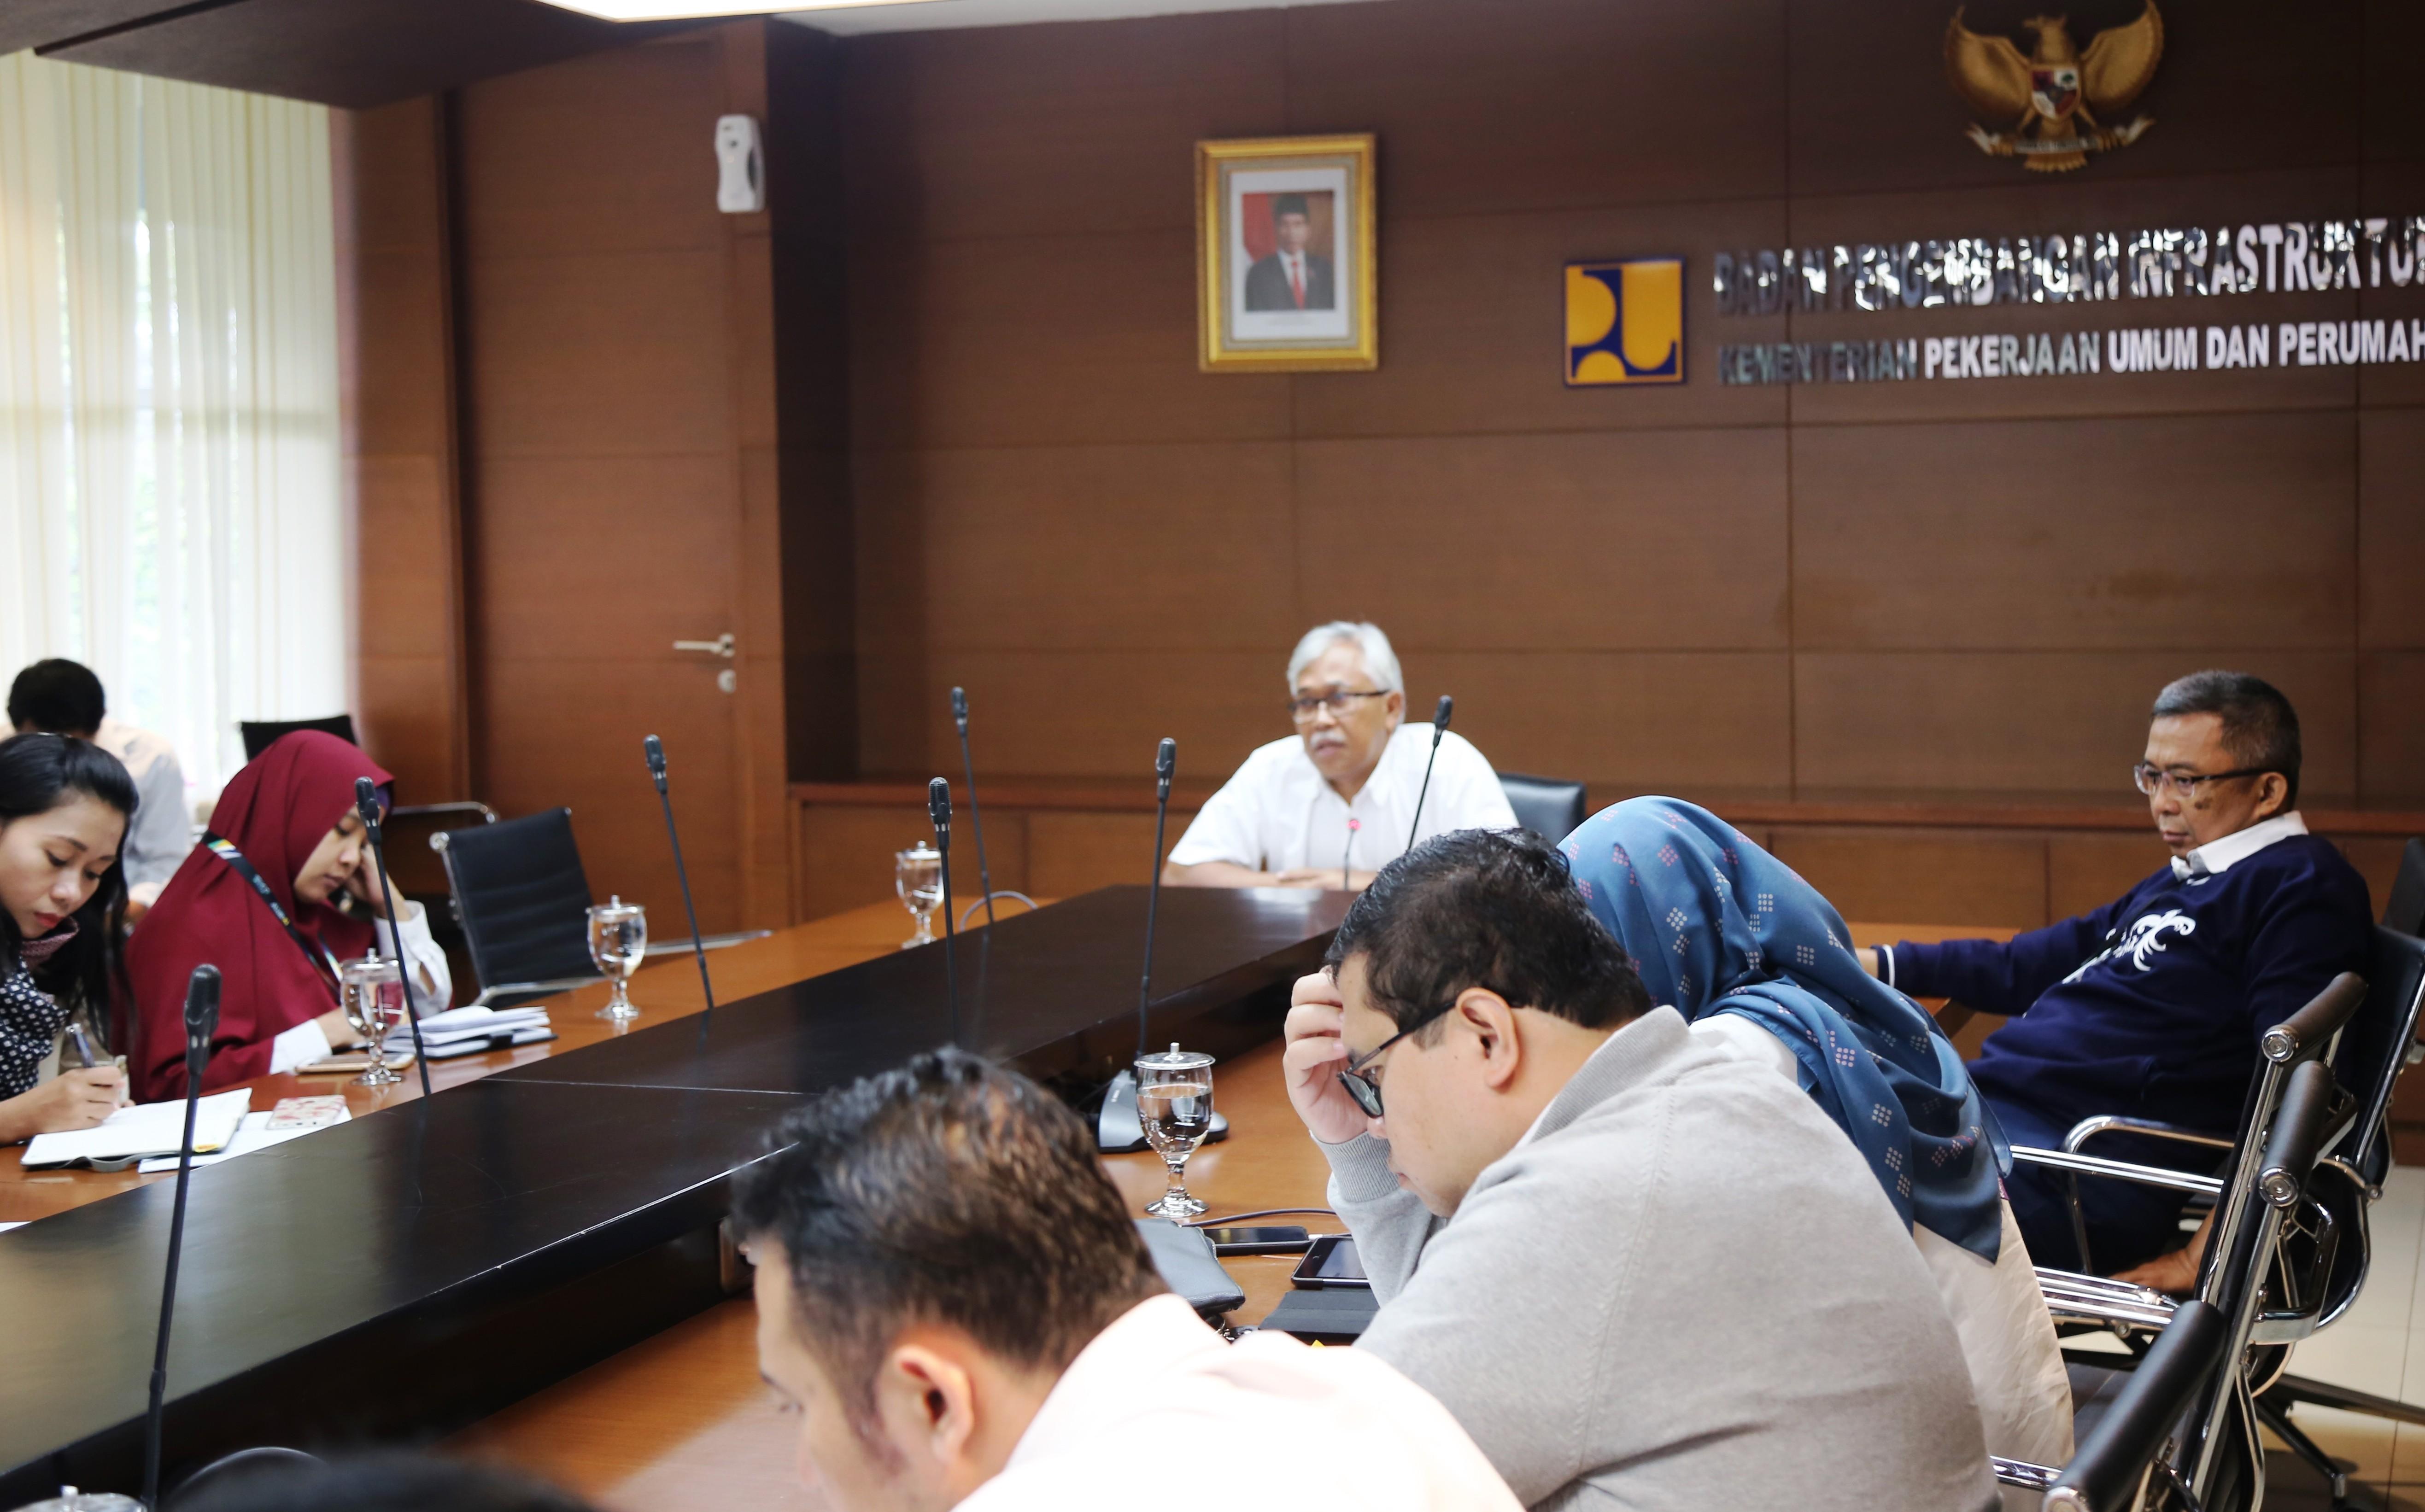 Tingkatkan Kinerja Organisasi, BPIW Tajamkan Program dan Kegiatan 2020